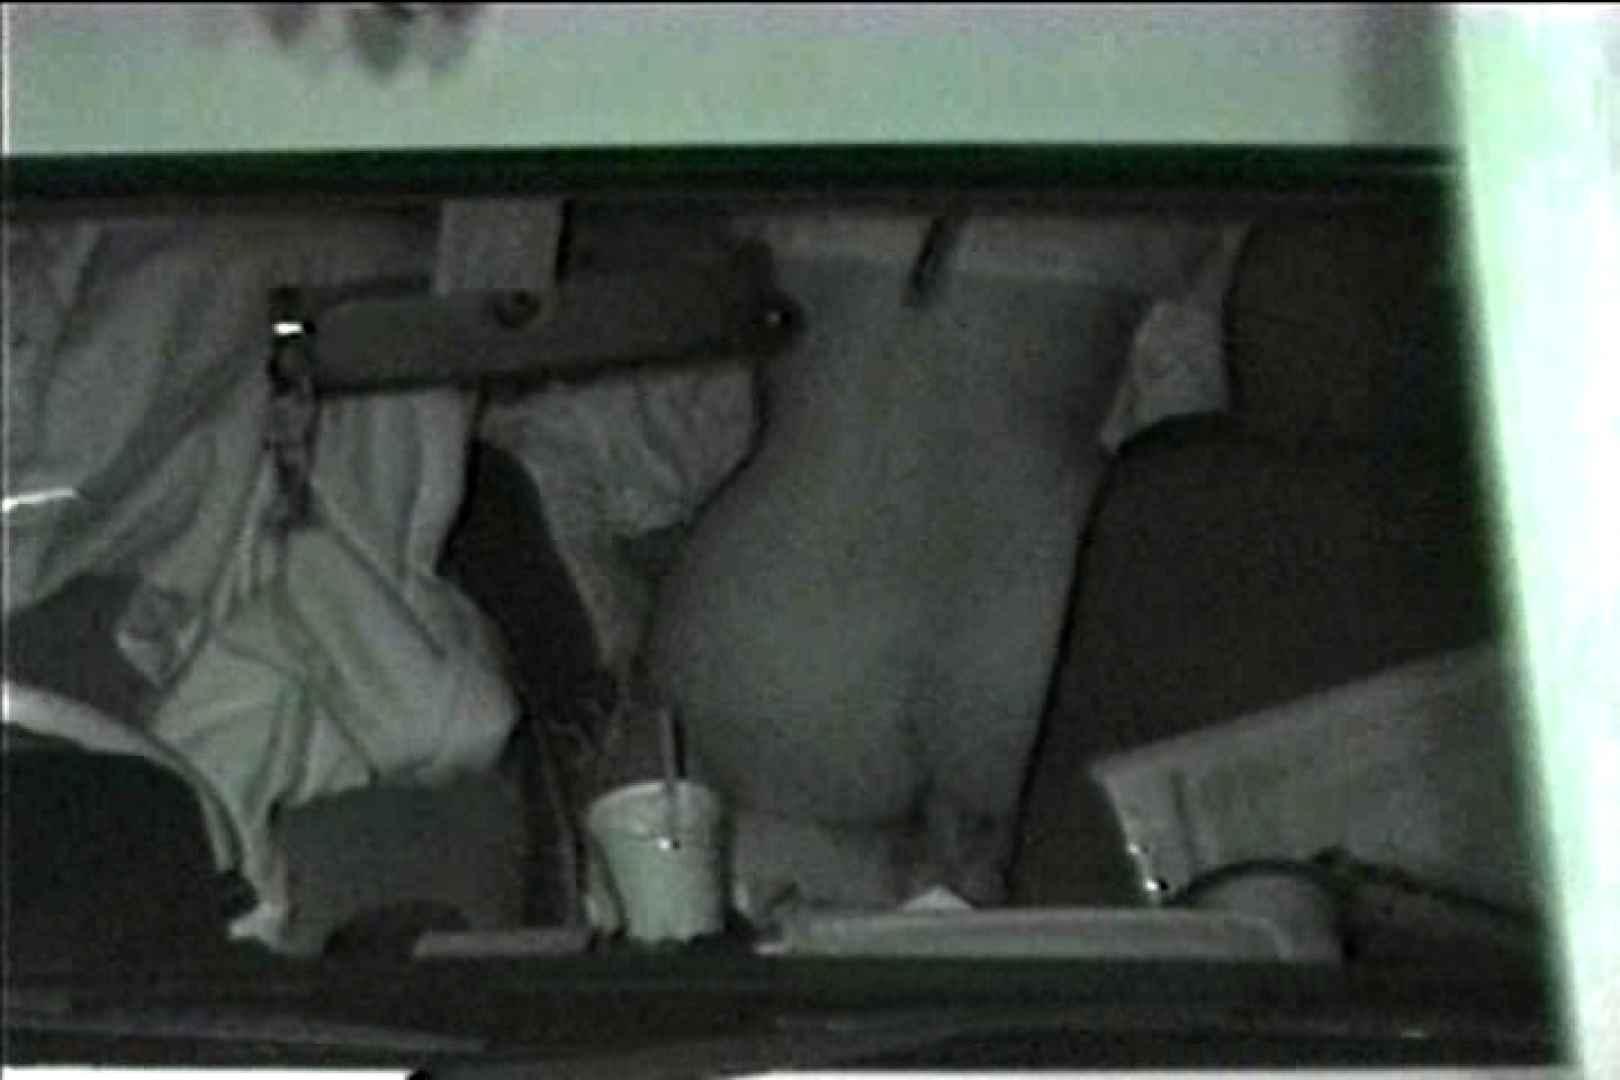 車の中はラブホテル 無修正版  Vol.7 人気シリーズ 戯れ無修正画像 59画像 14